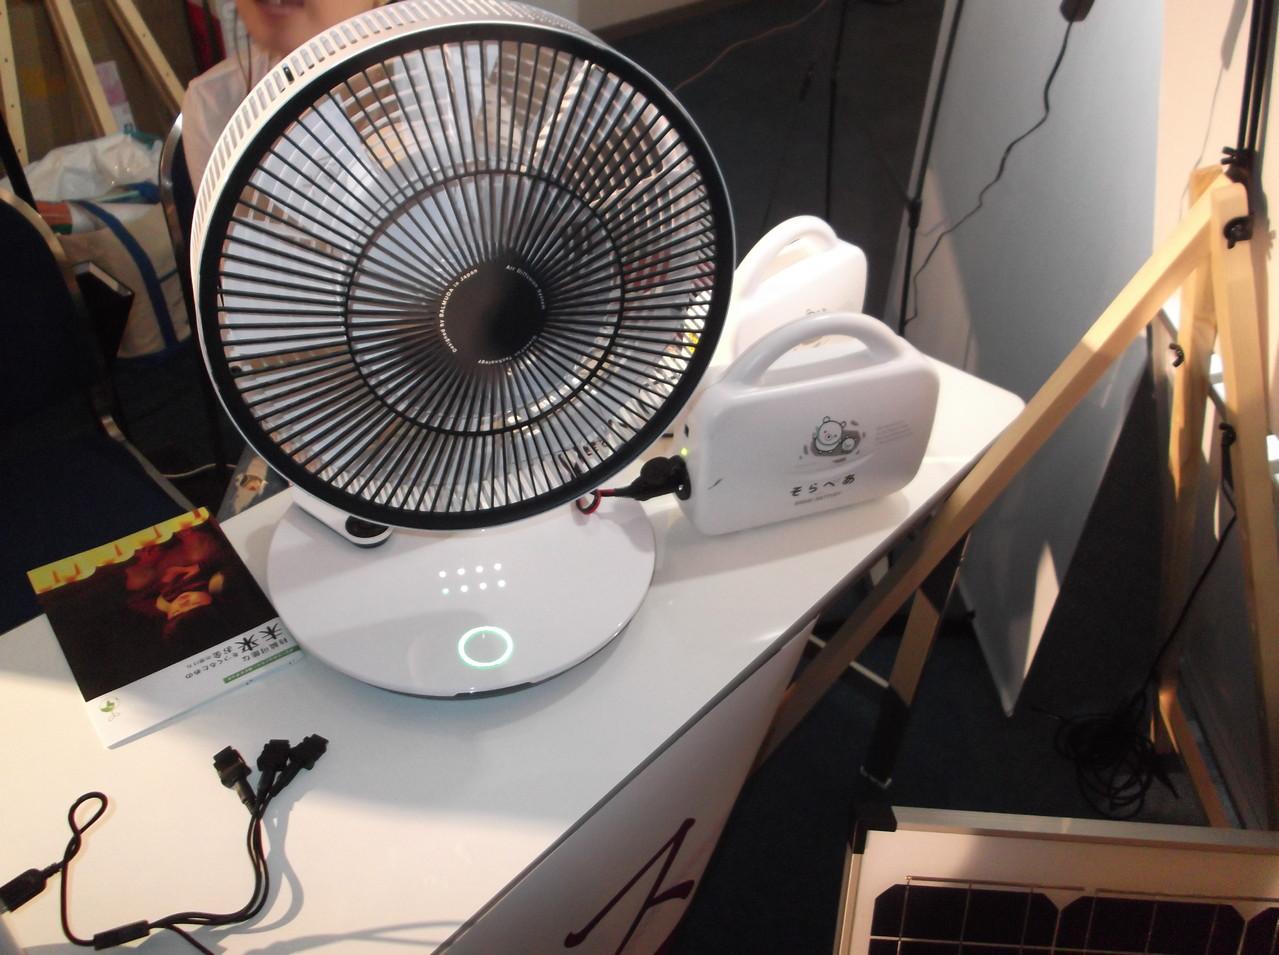 ナノ発電所バッテリーで扇風機を回すプレゼン